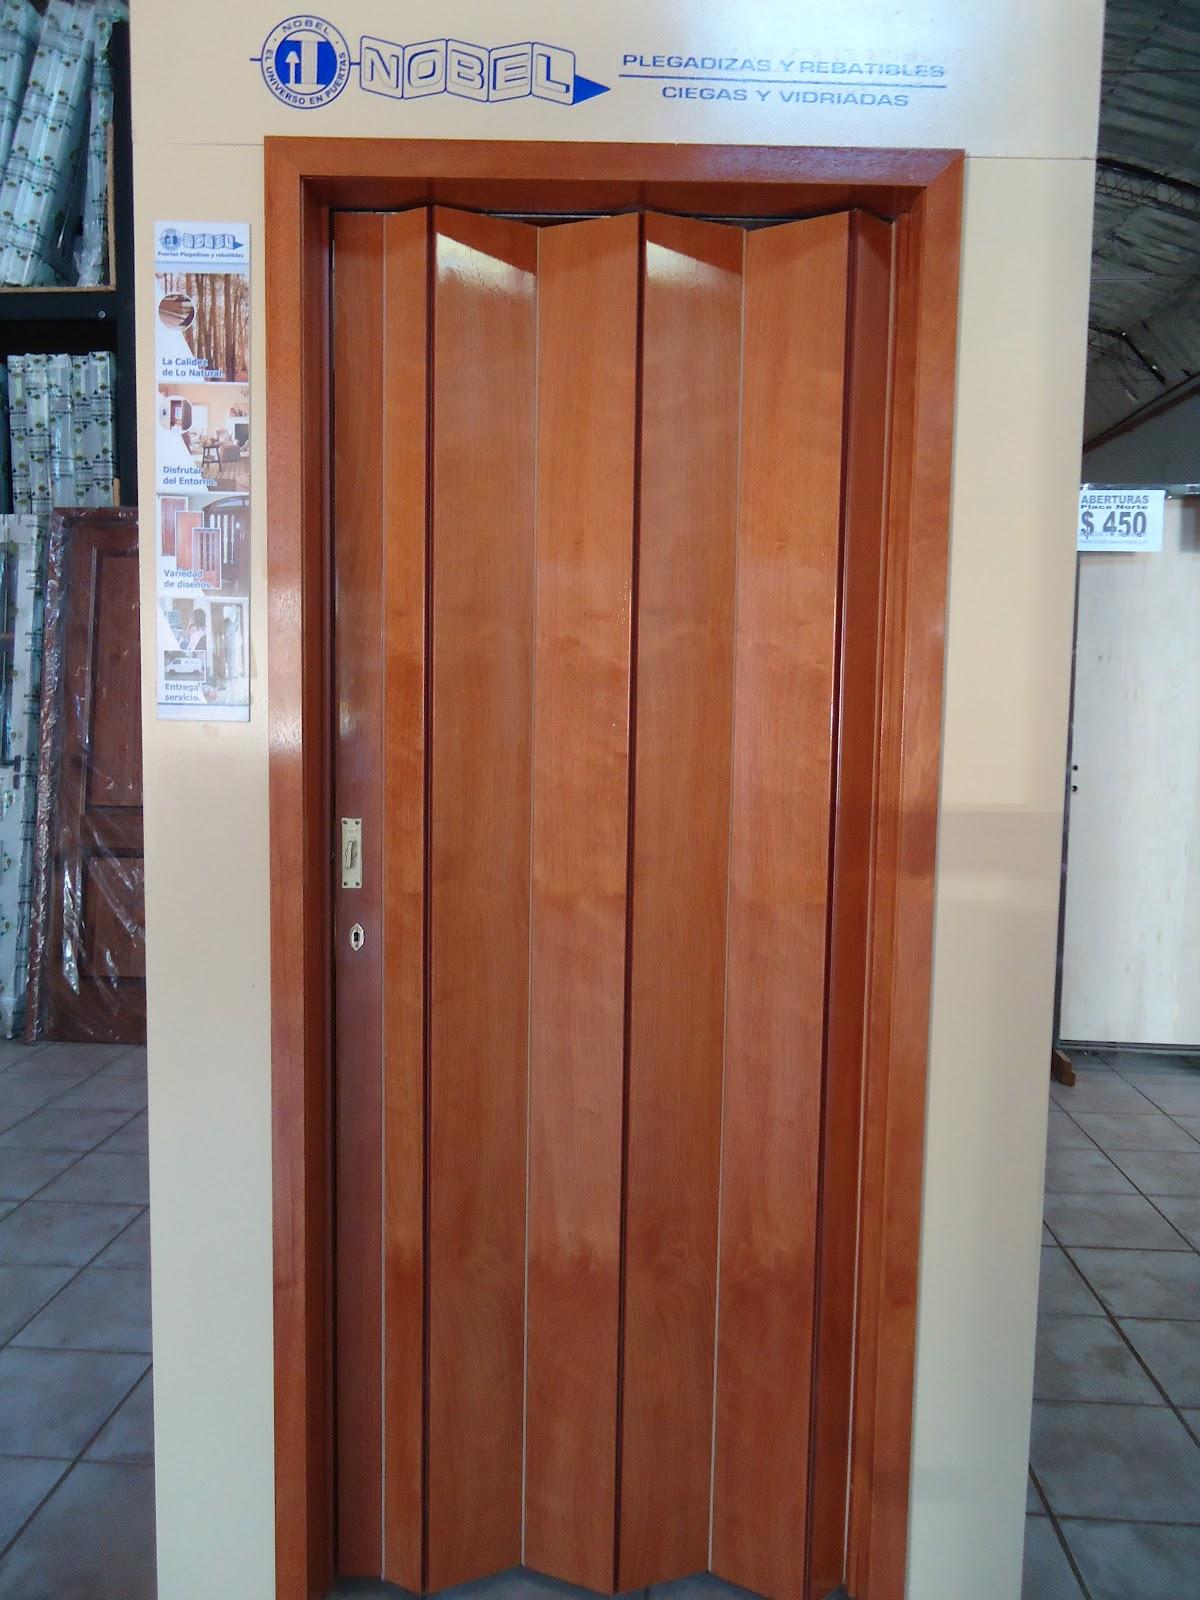 Plegadizas y rebatibles aberturas placa norte - Puertas plegables de aluminio ...